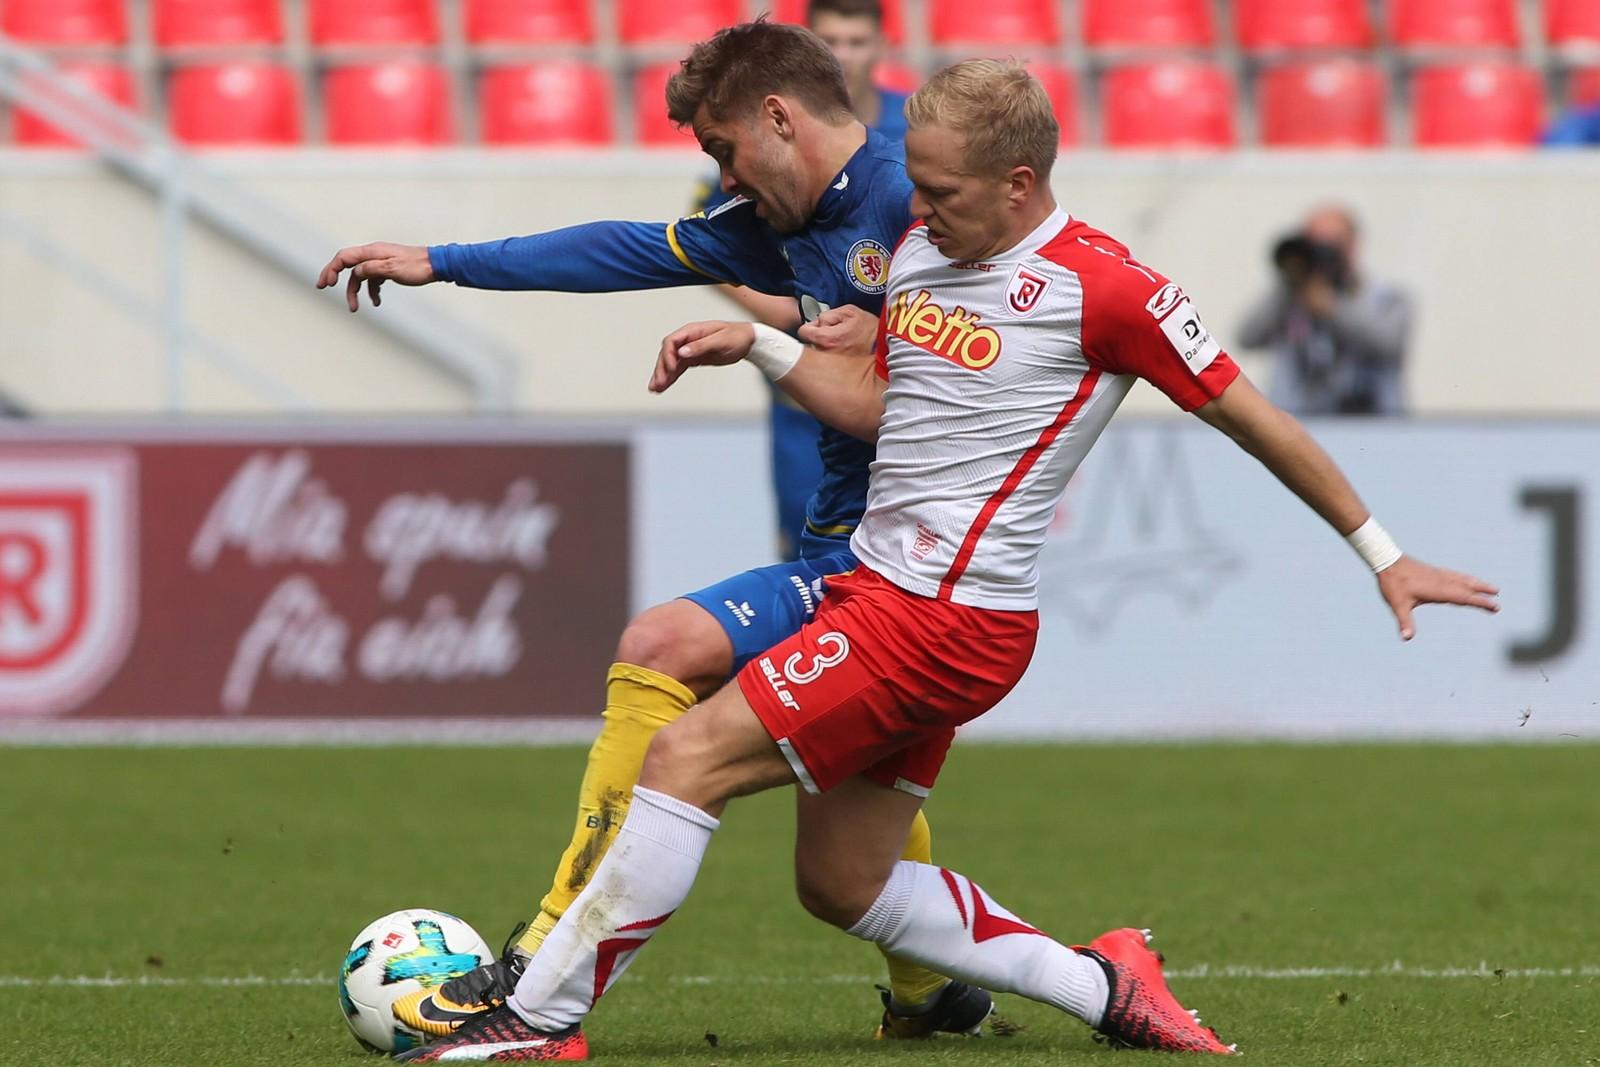 Alexander Nandzik von Jahn Regensburg gegen Christoffer Nyman von Eintracht Braunschweig